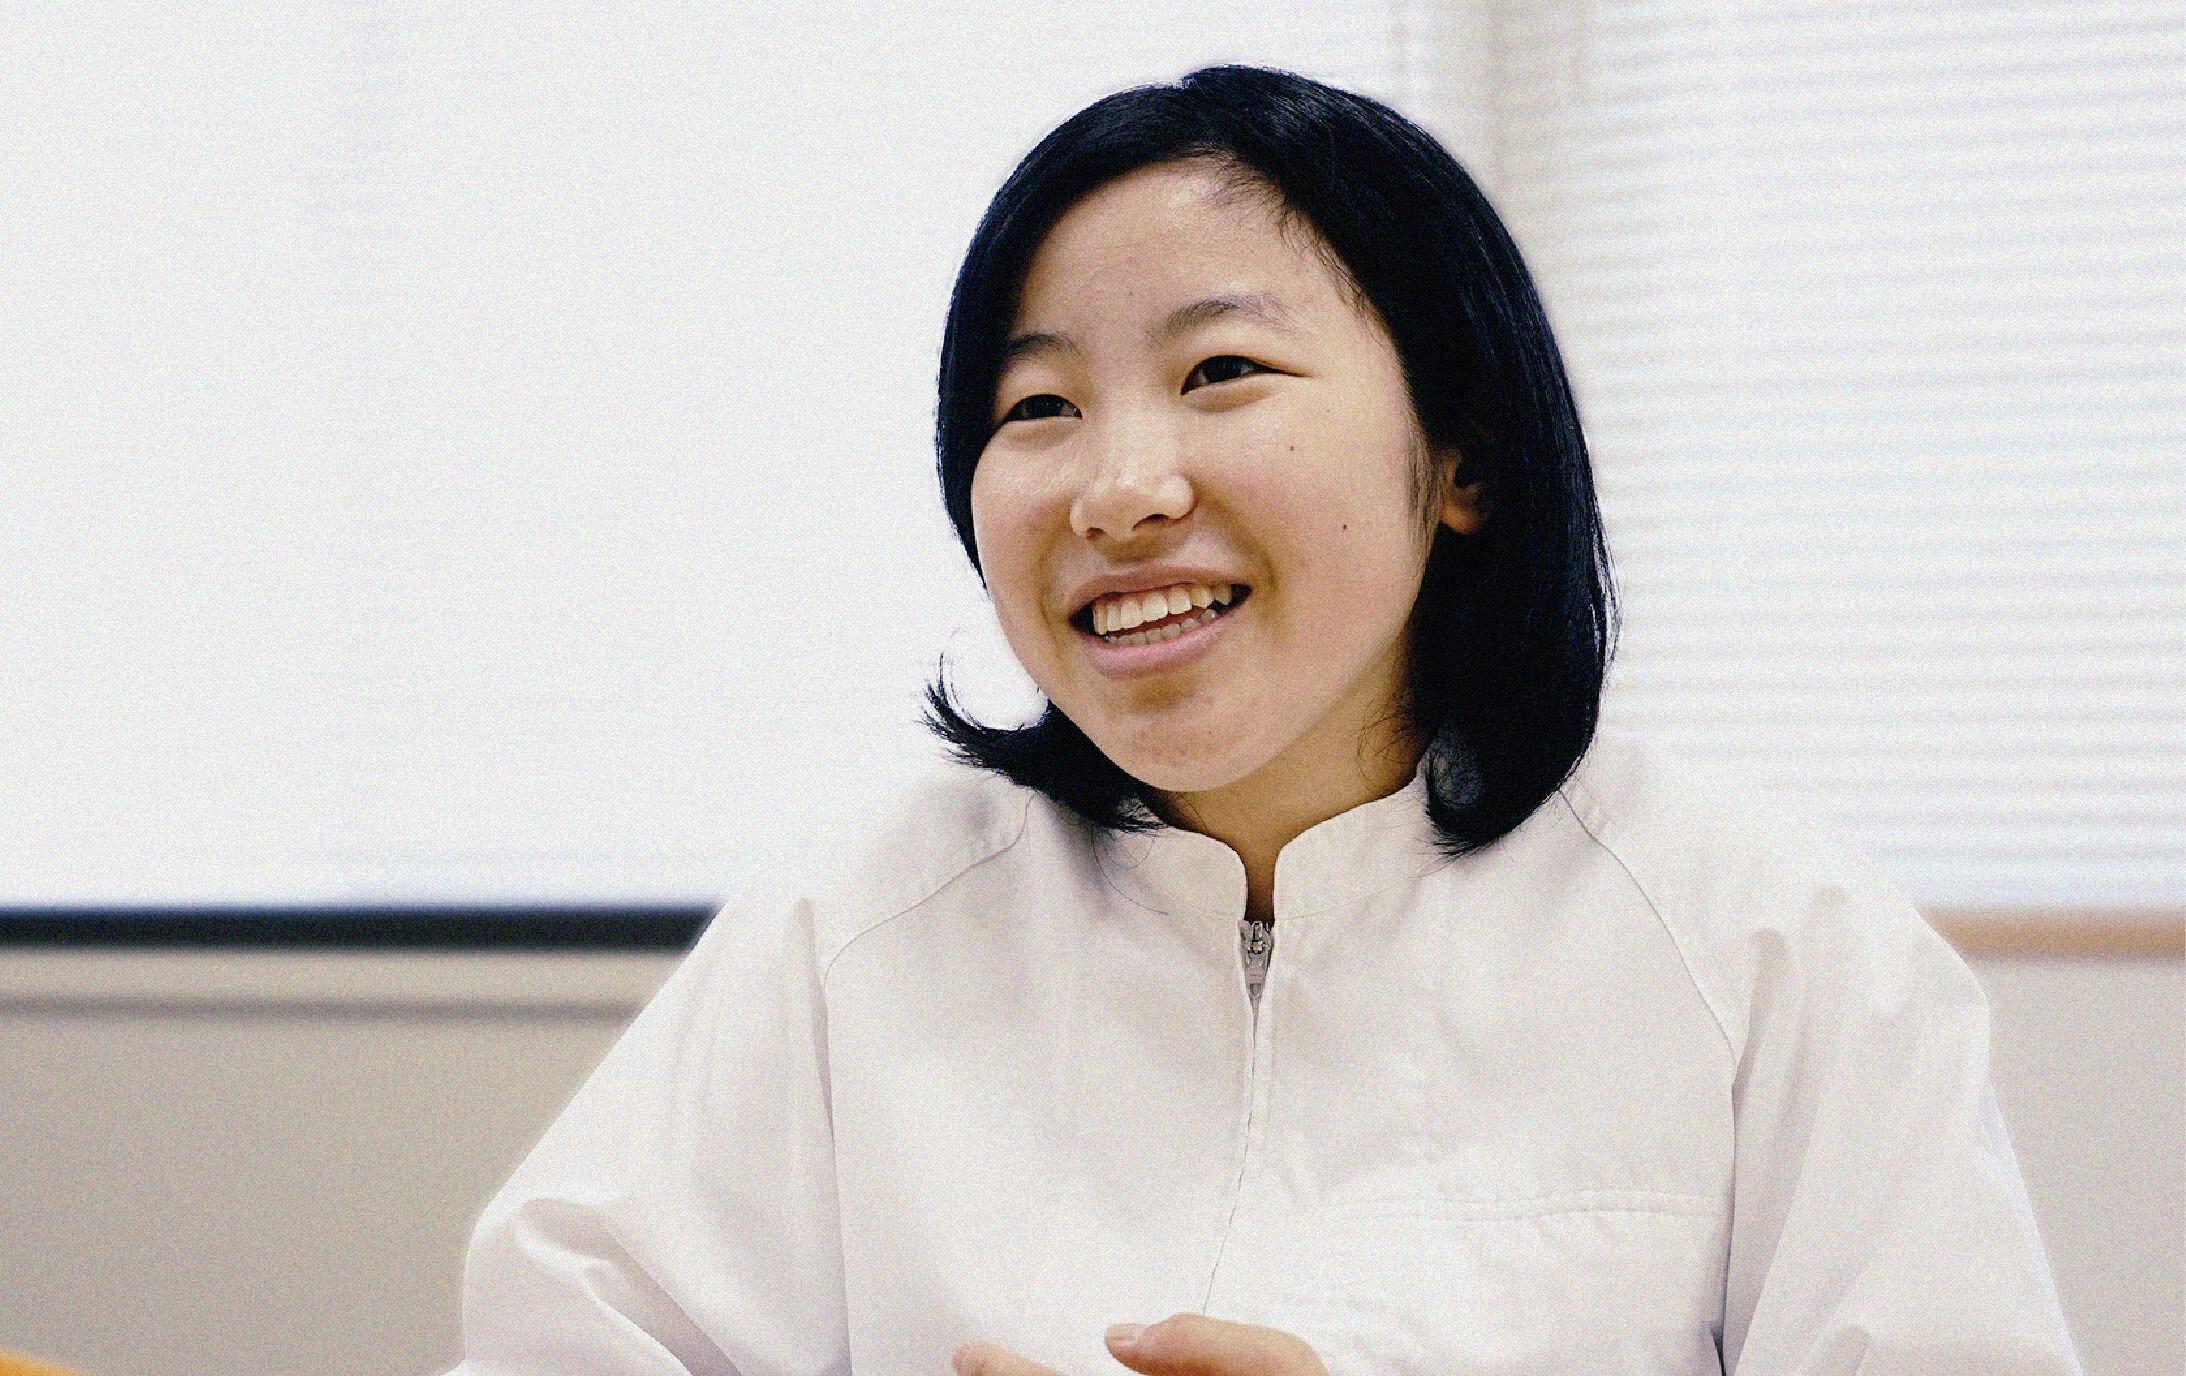 松田さんの写真